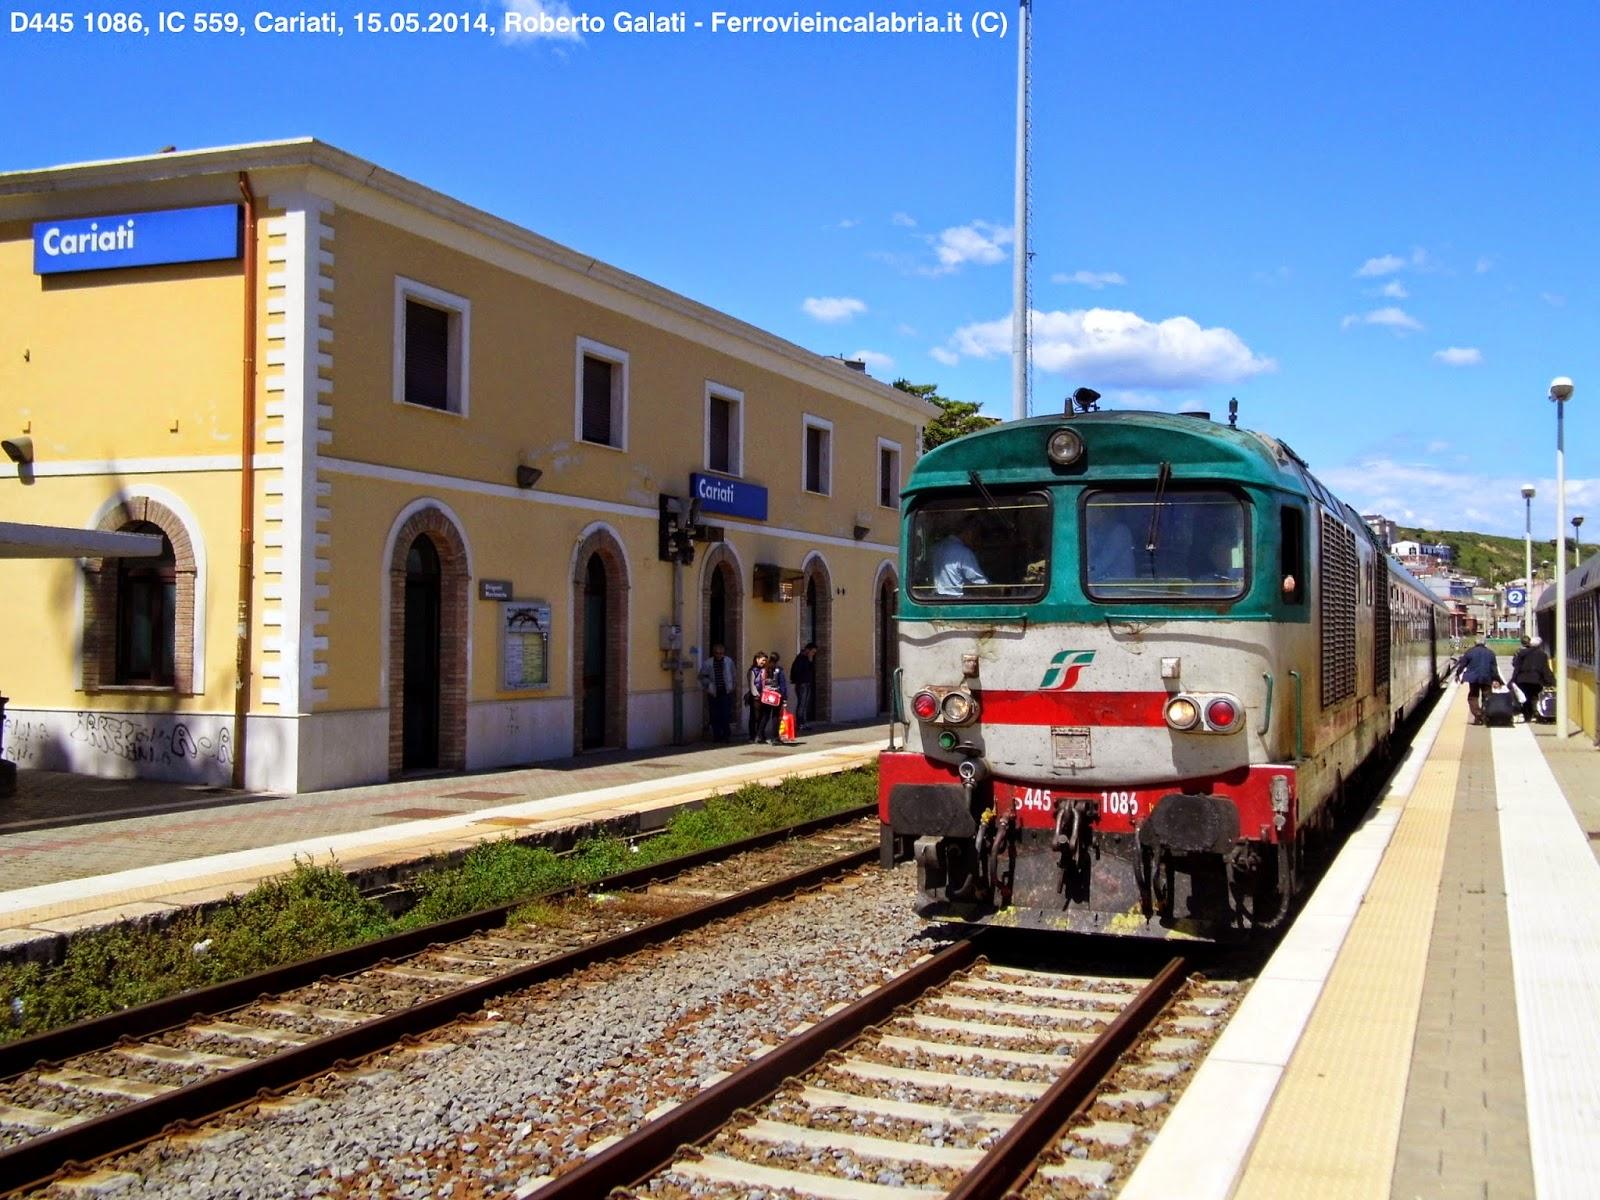 D445 1086-IC559-Cariati-2014-05-15-RobertoGalati